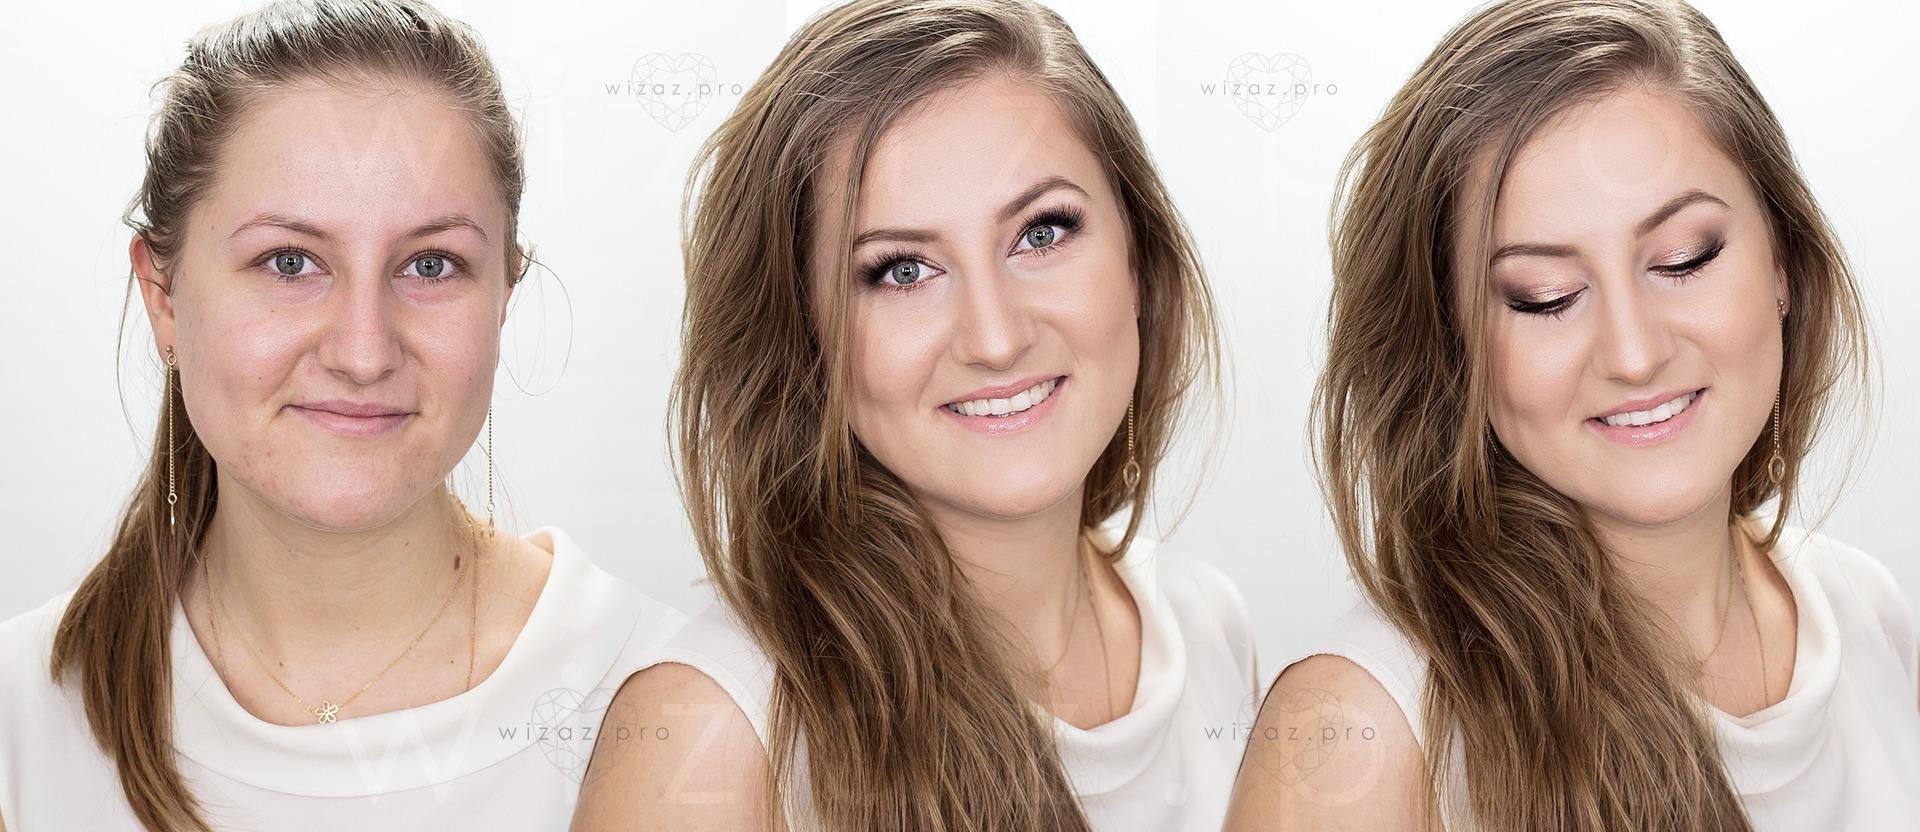 Makijaż ślubny delikatny rozświetlający dla blondynki - niebieskie i szare oczy - Wizaż PRO Kraków